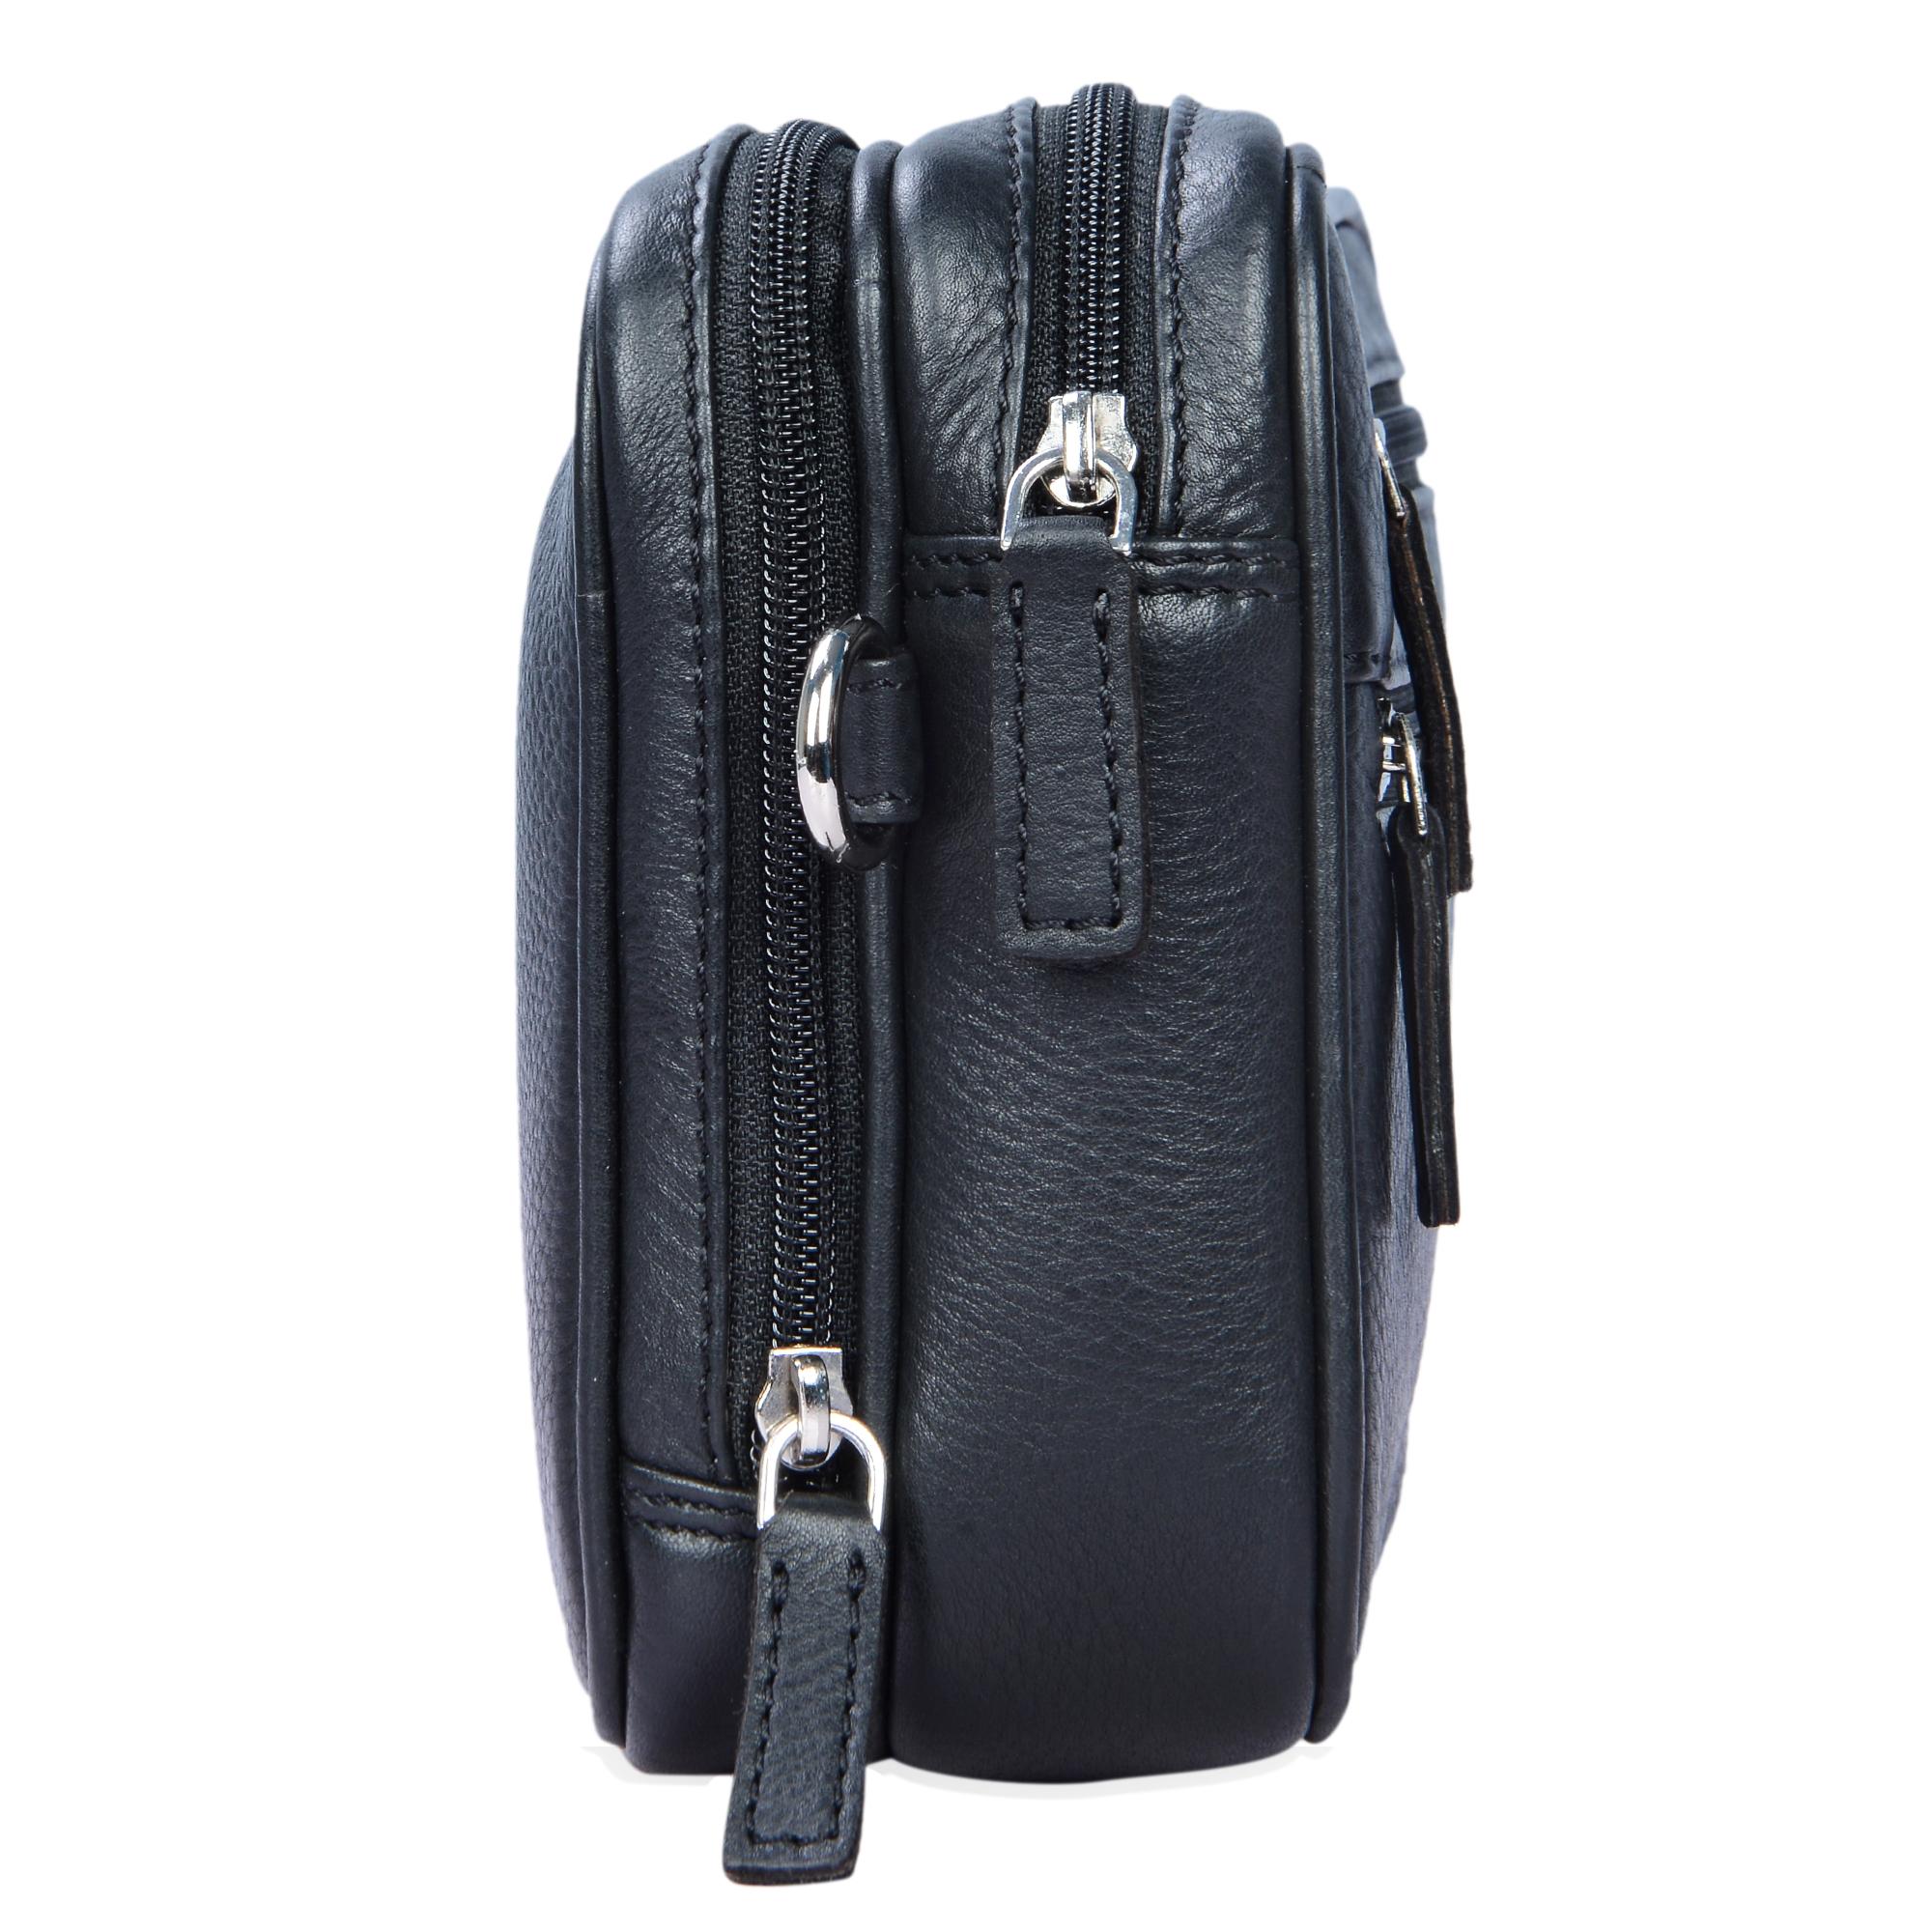 """STILORD """"Nero"""" Handgelenktasche Herren Leder mit Doppelkammer Vintage Handtasche für 8,4 Zoll Tablets ideal für Reisen Festival Herrenhandtasche echtes Leder - Bild 13"""